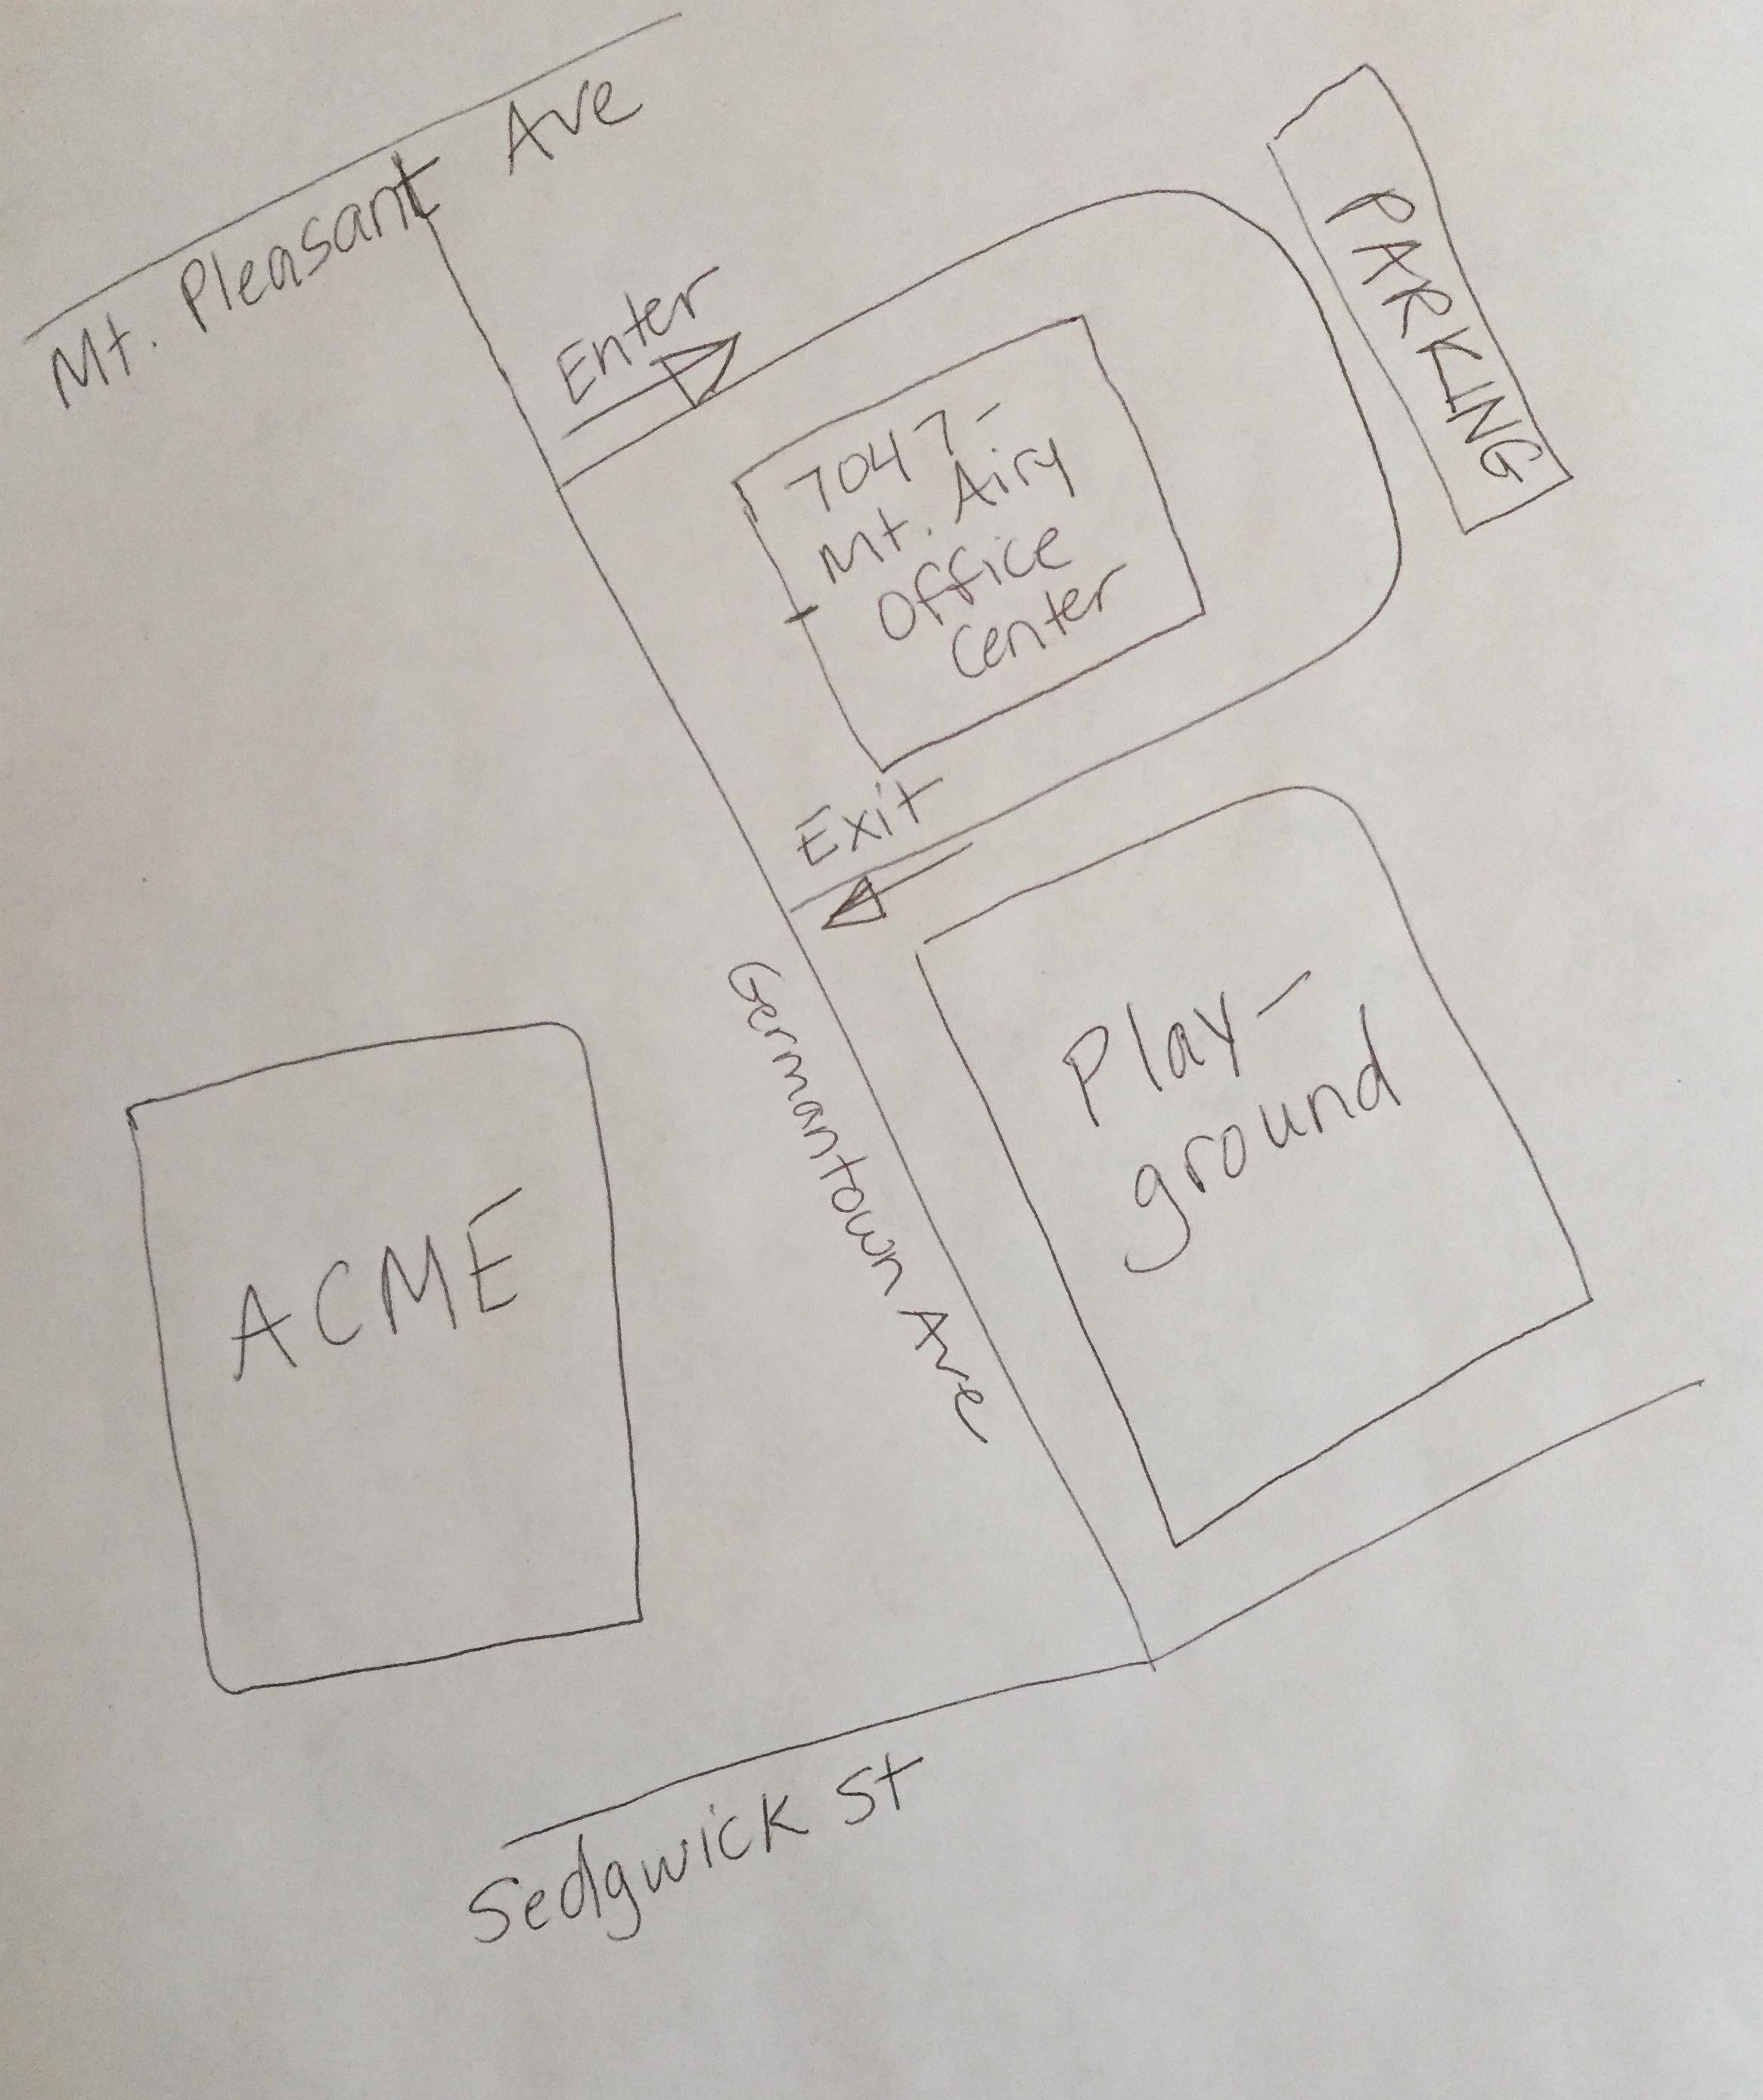 LH map